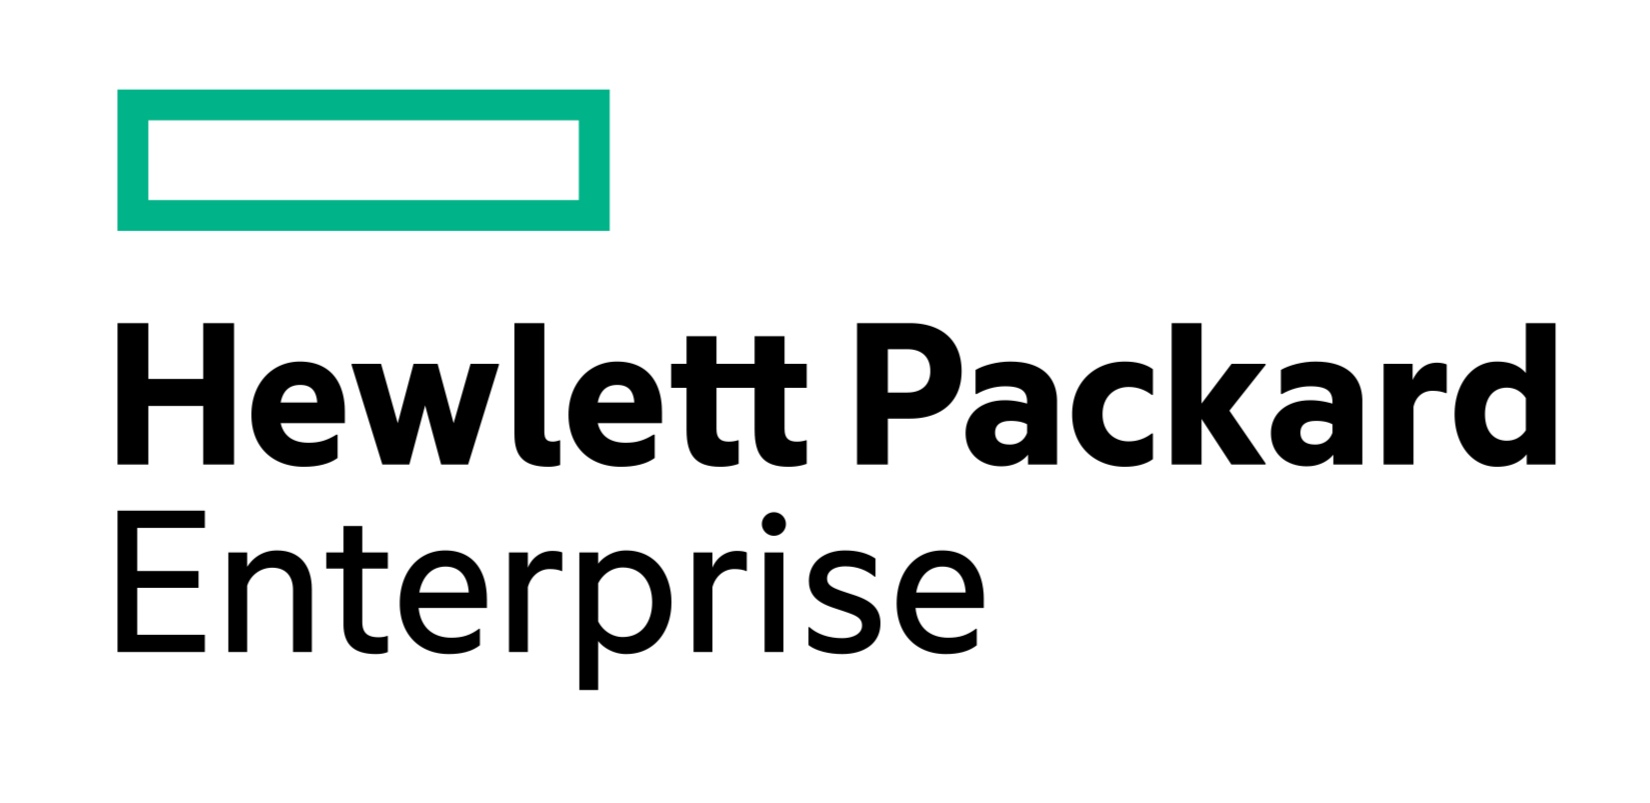 HP+Enterprise+logo+%28Large%29.jpg